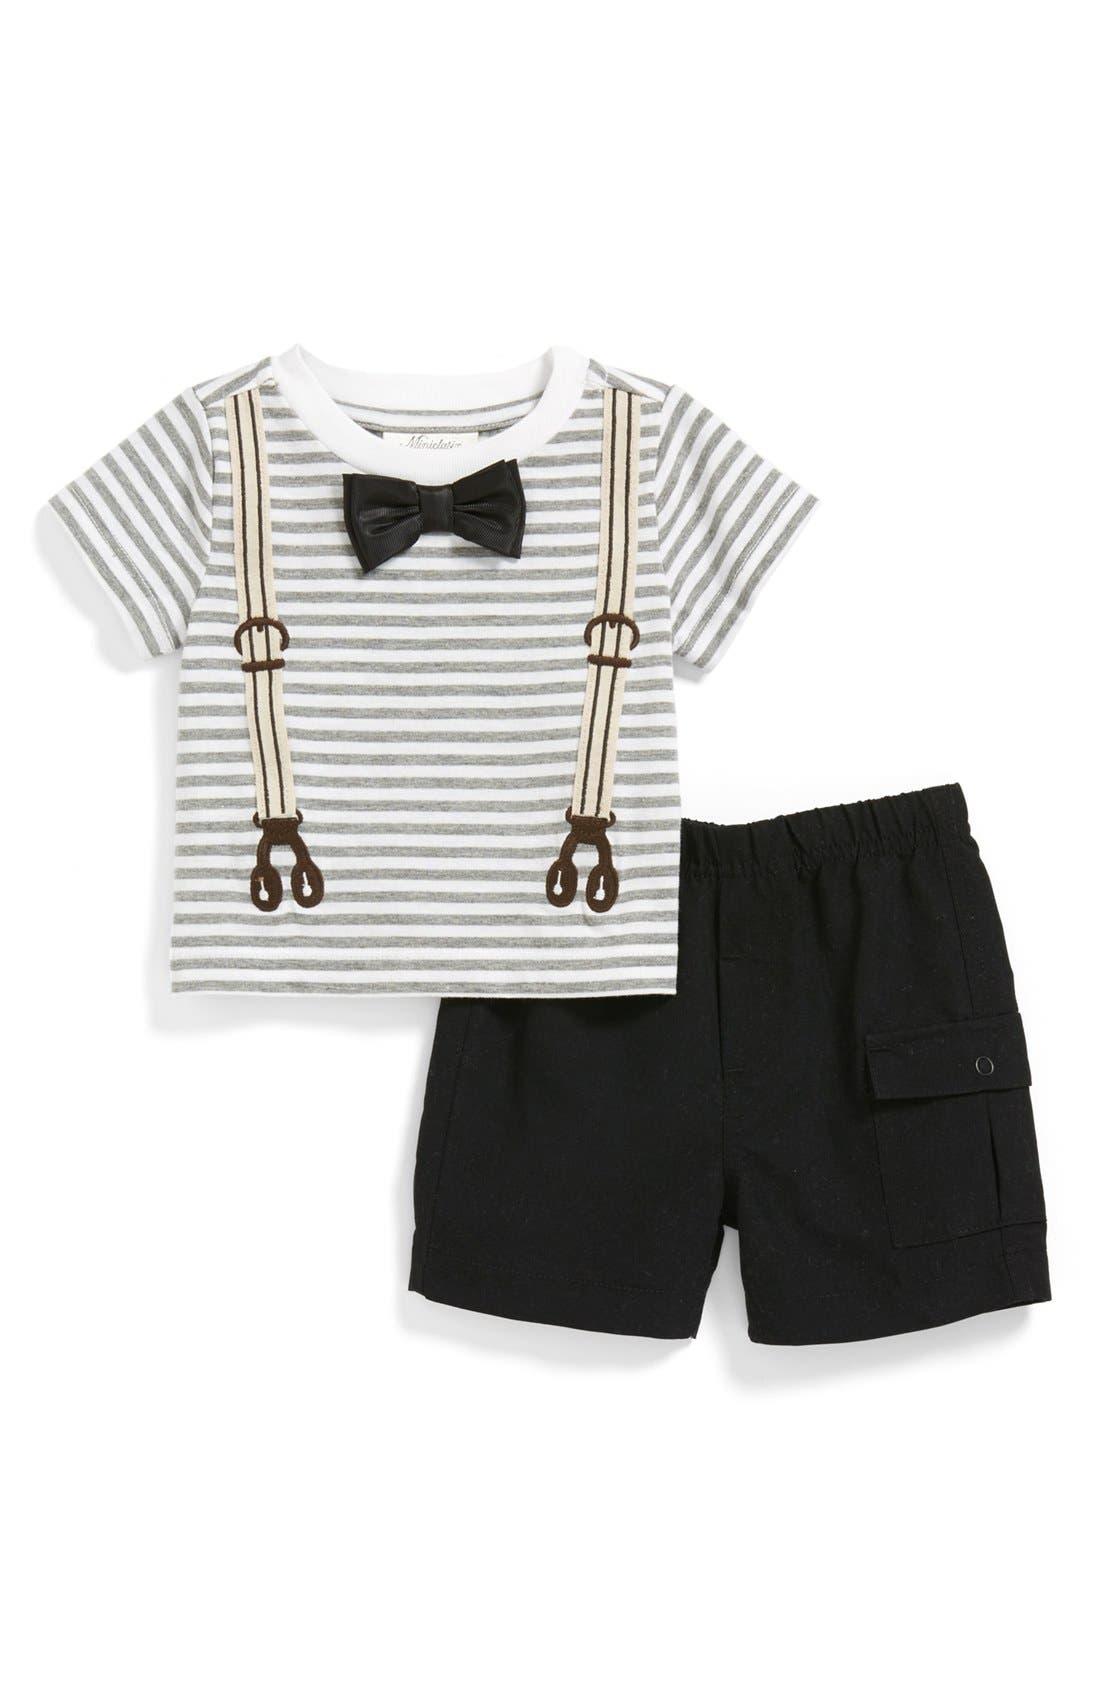 Main Image - Miniclasix 'Bow Tie' T-Shirt & Shorts (Baby Boys)